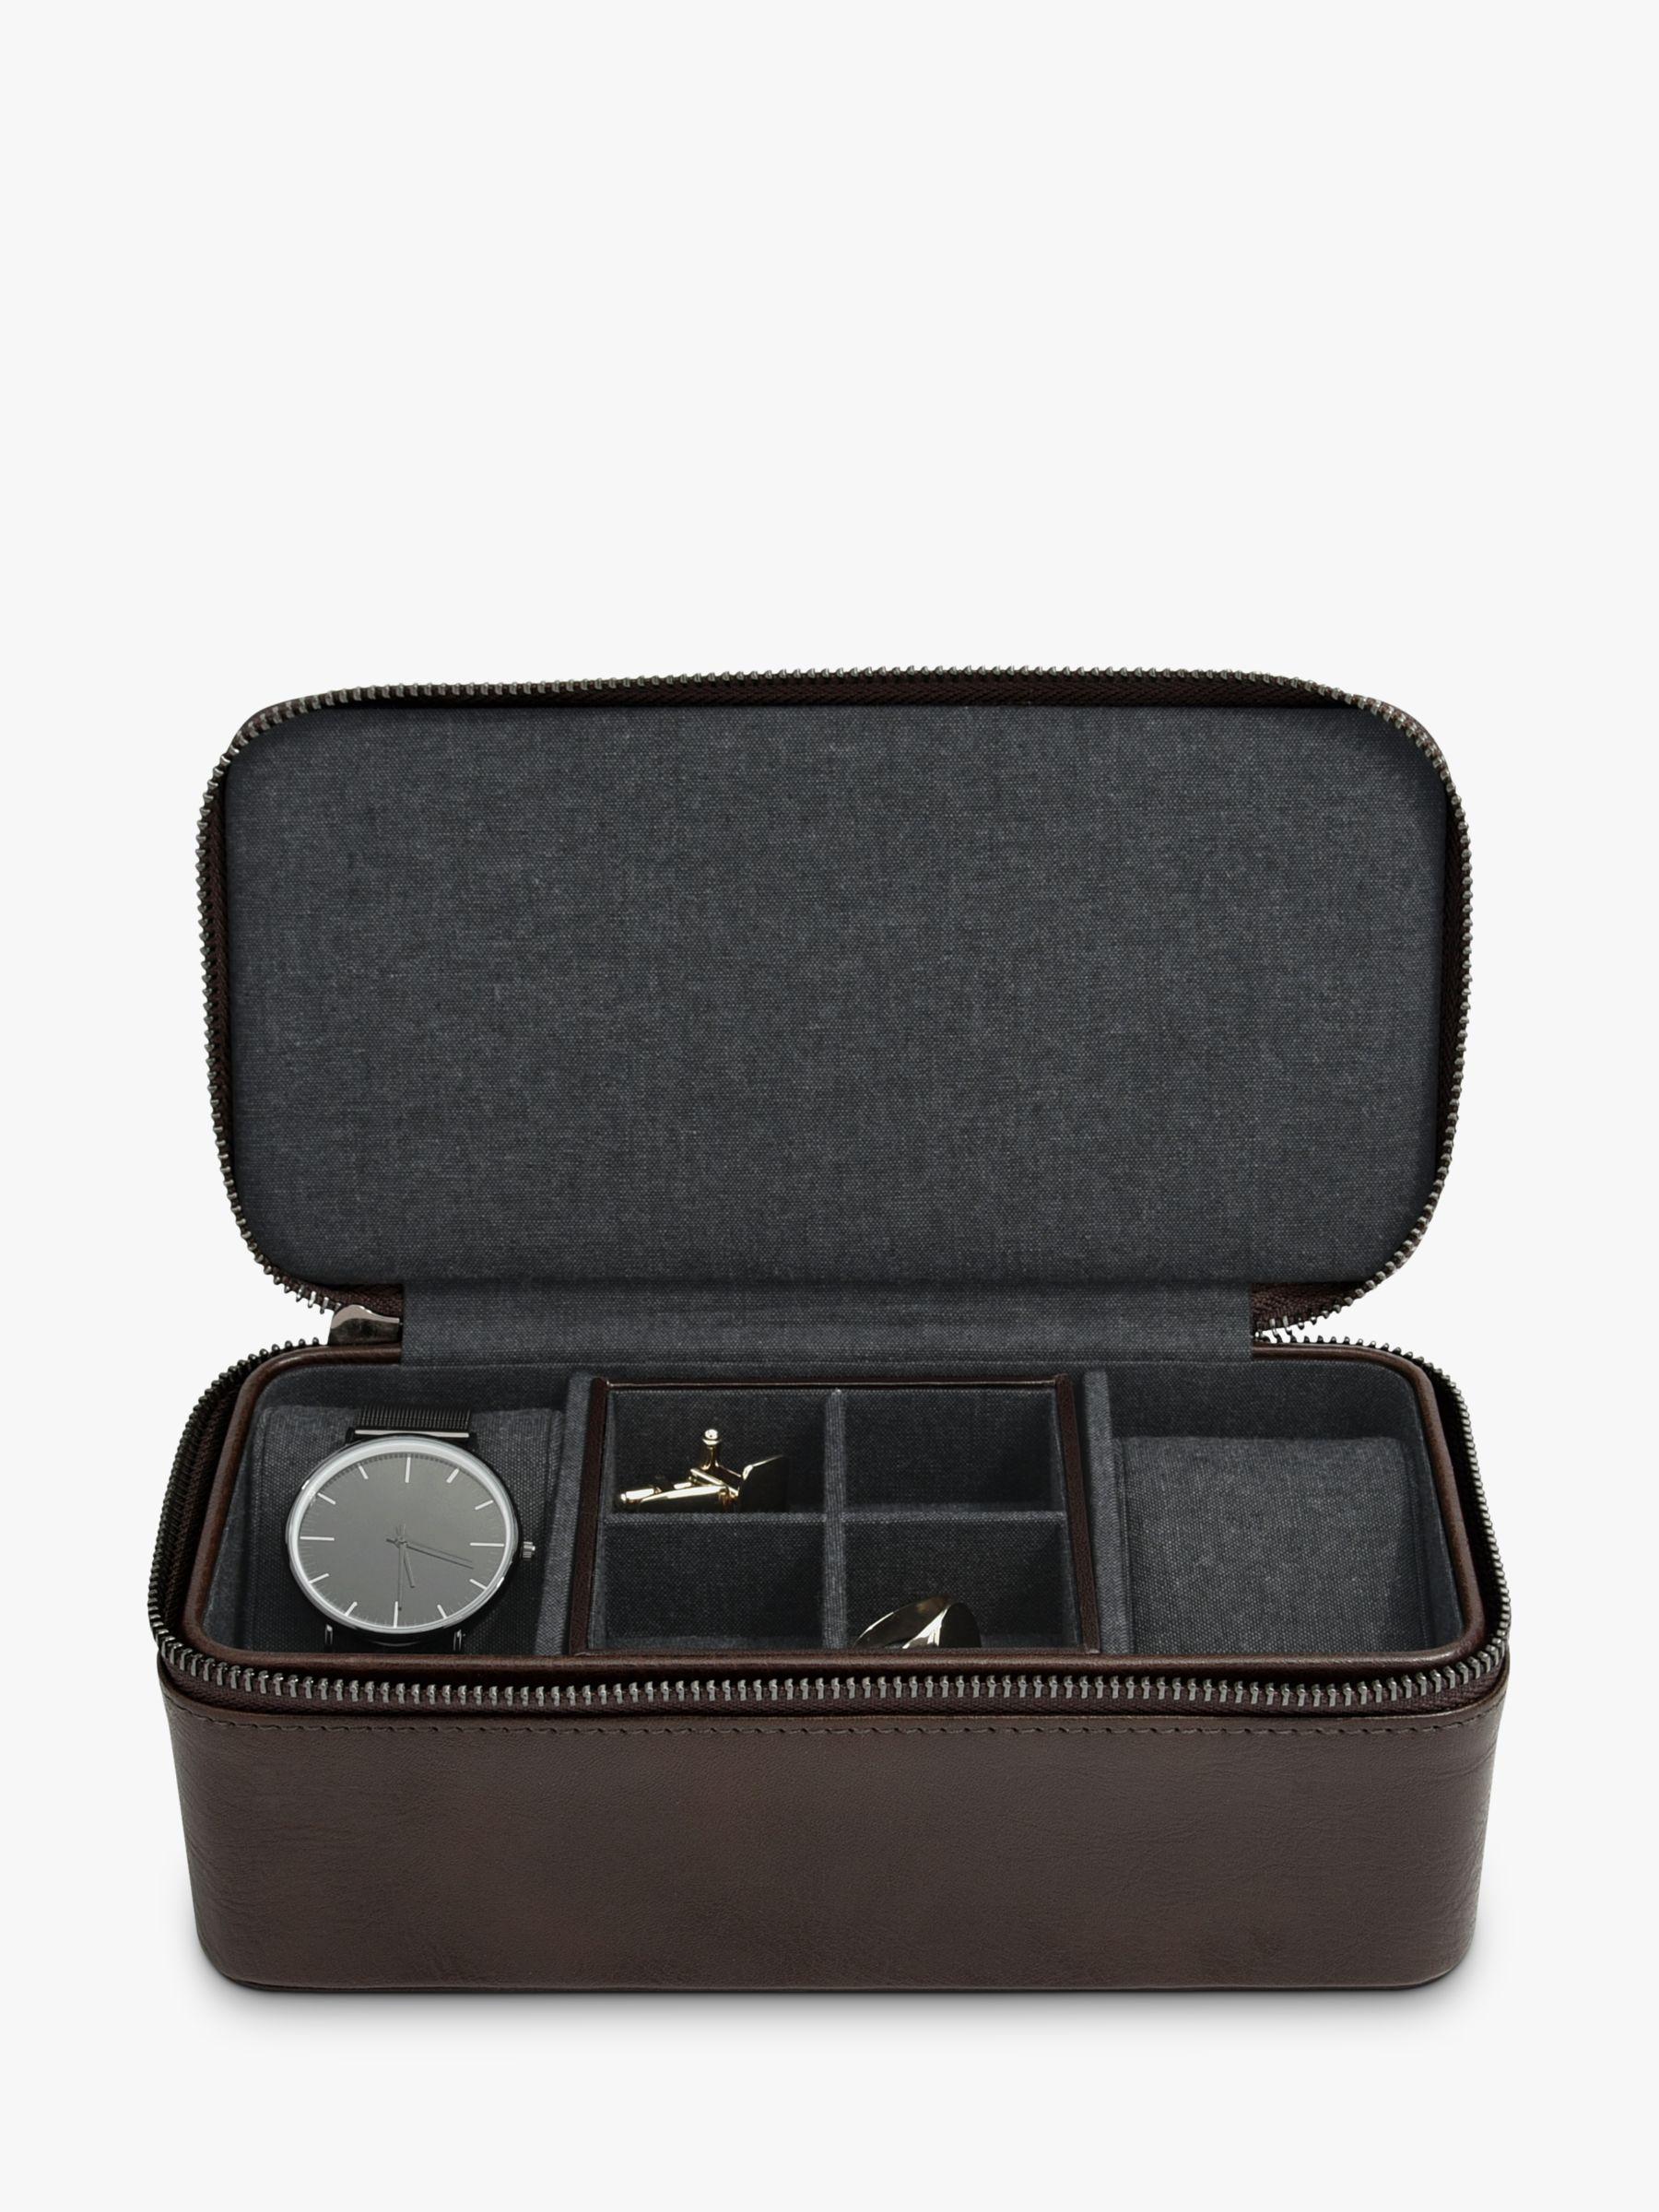 Stackers Stackers Men's Zip Watch & Cufflink Box